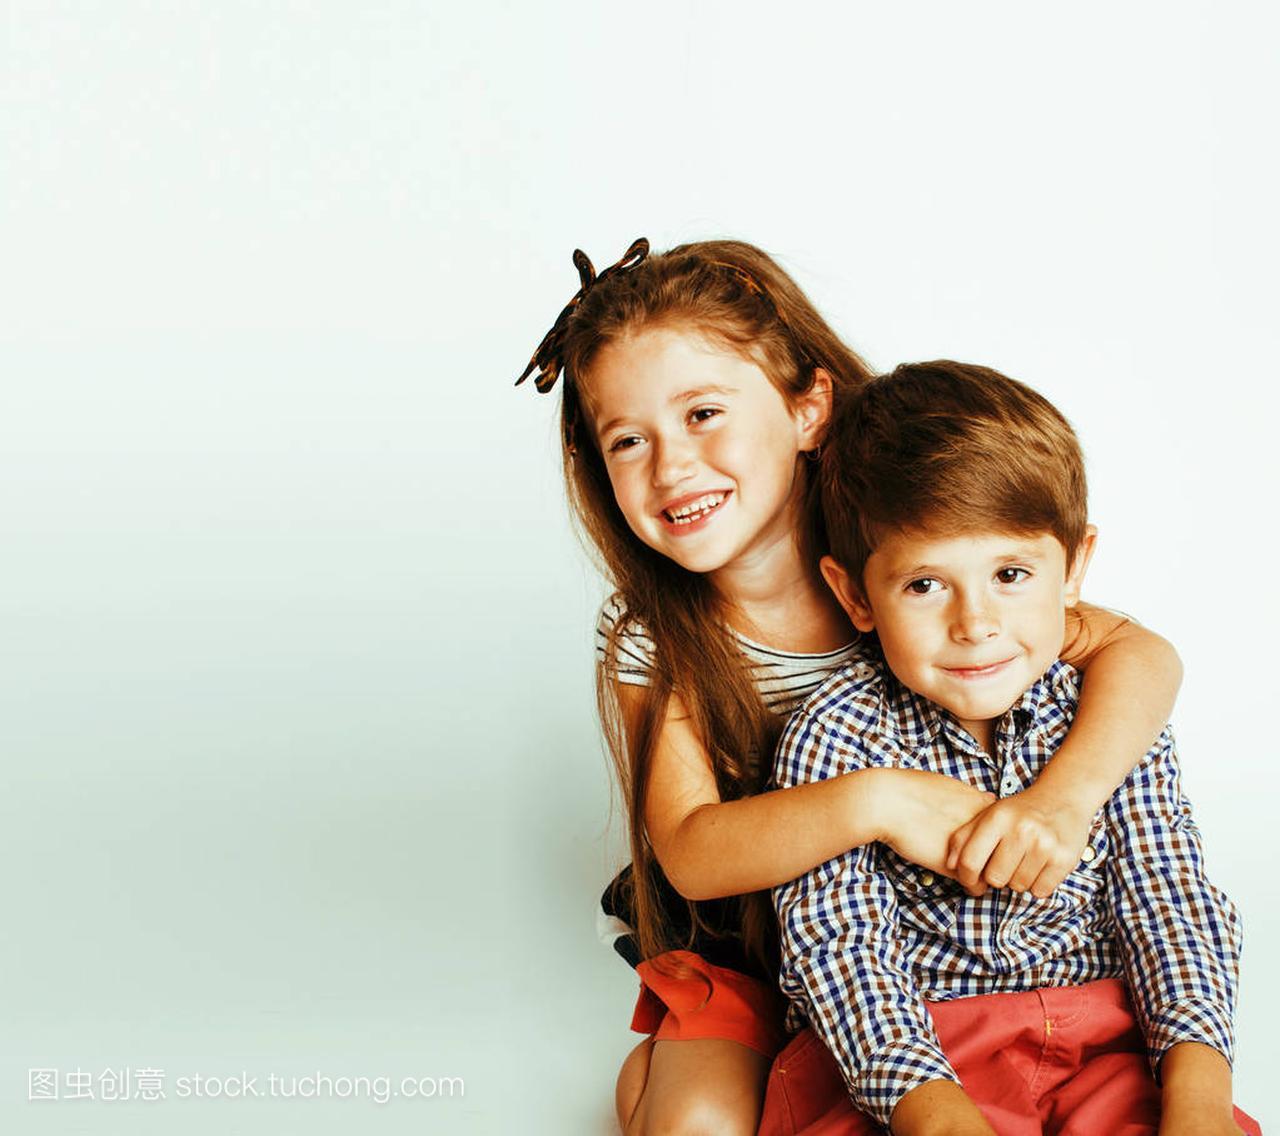 女生叫男生小可爱真的是说大头有小又可爱女生像眼女生图片